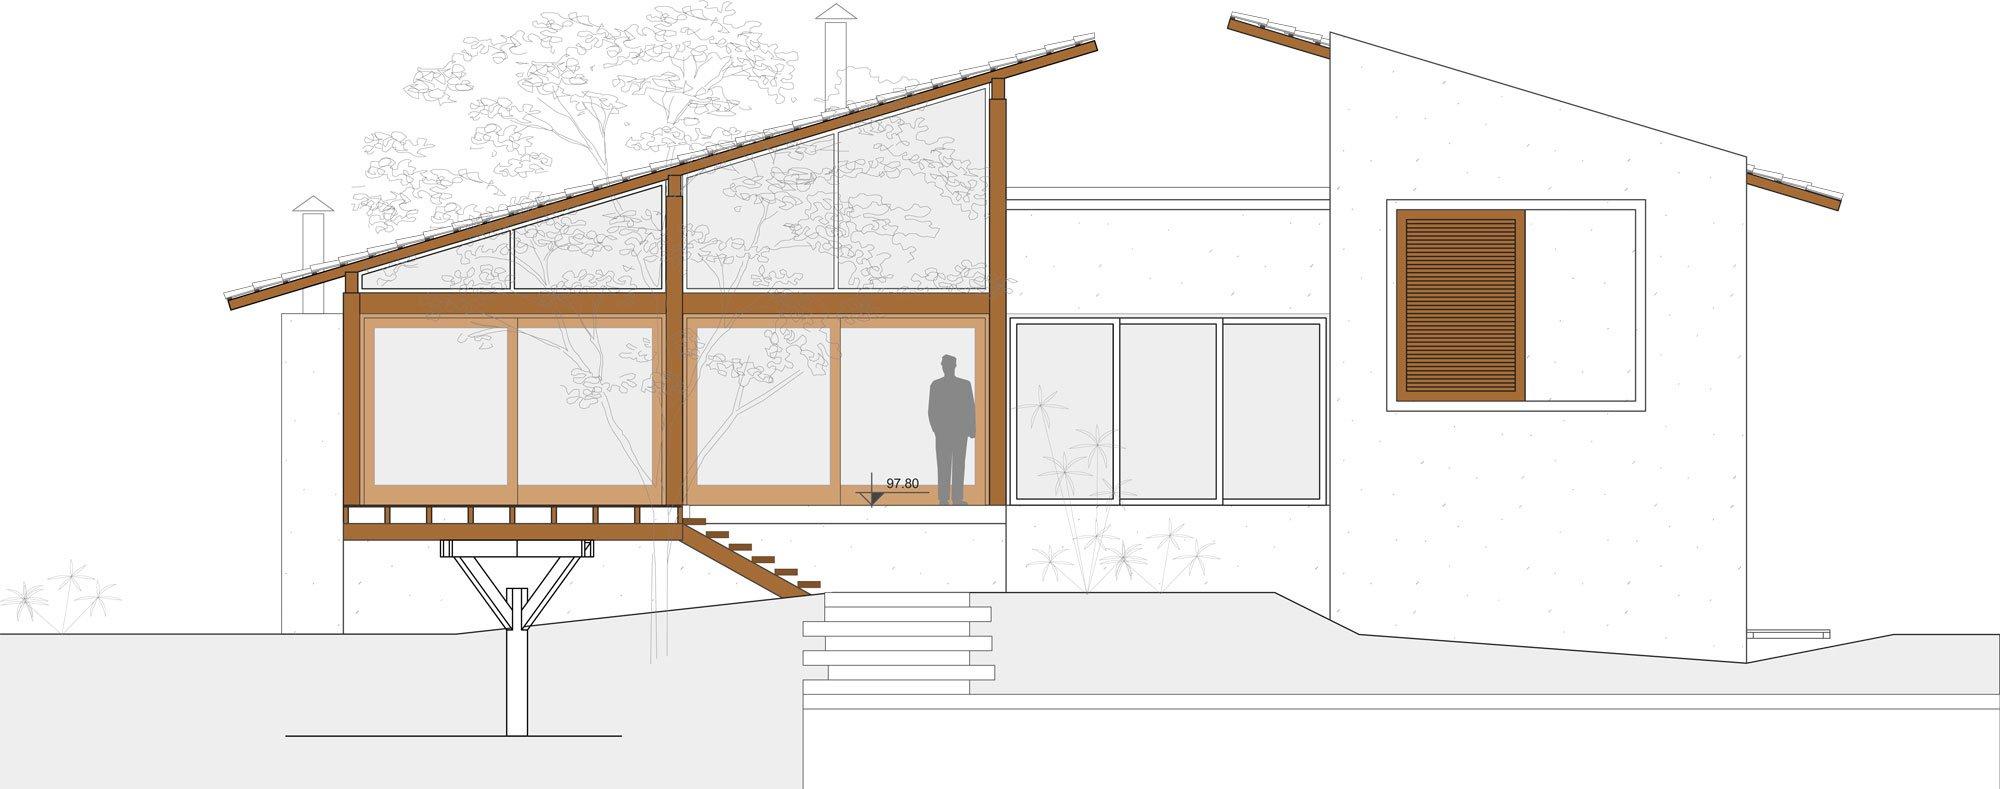 Casa de campo de madera y hormig n de 280 metros cuadrados - Maderas al corte ...